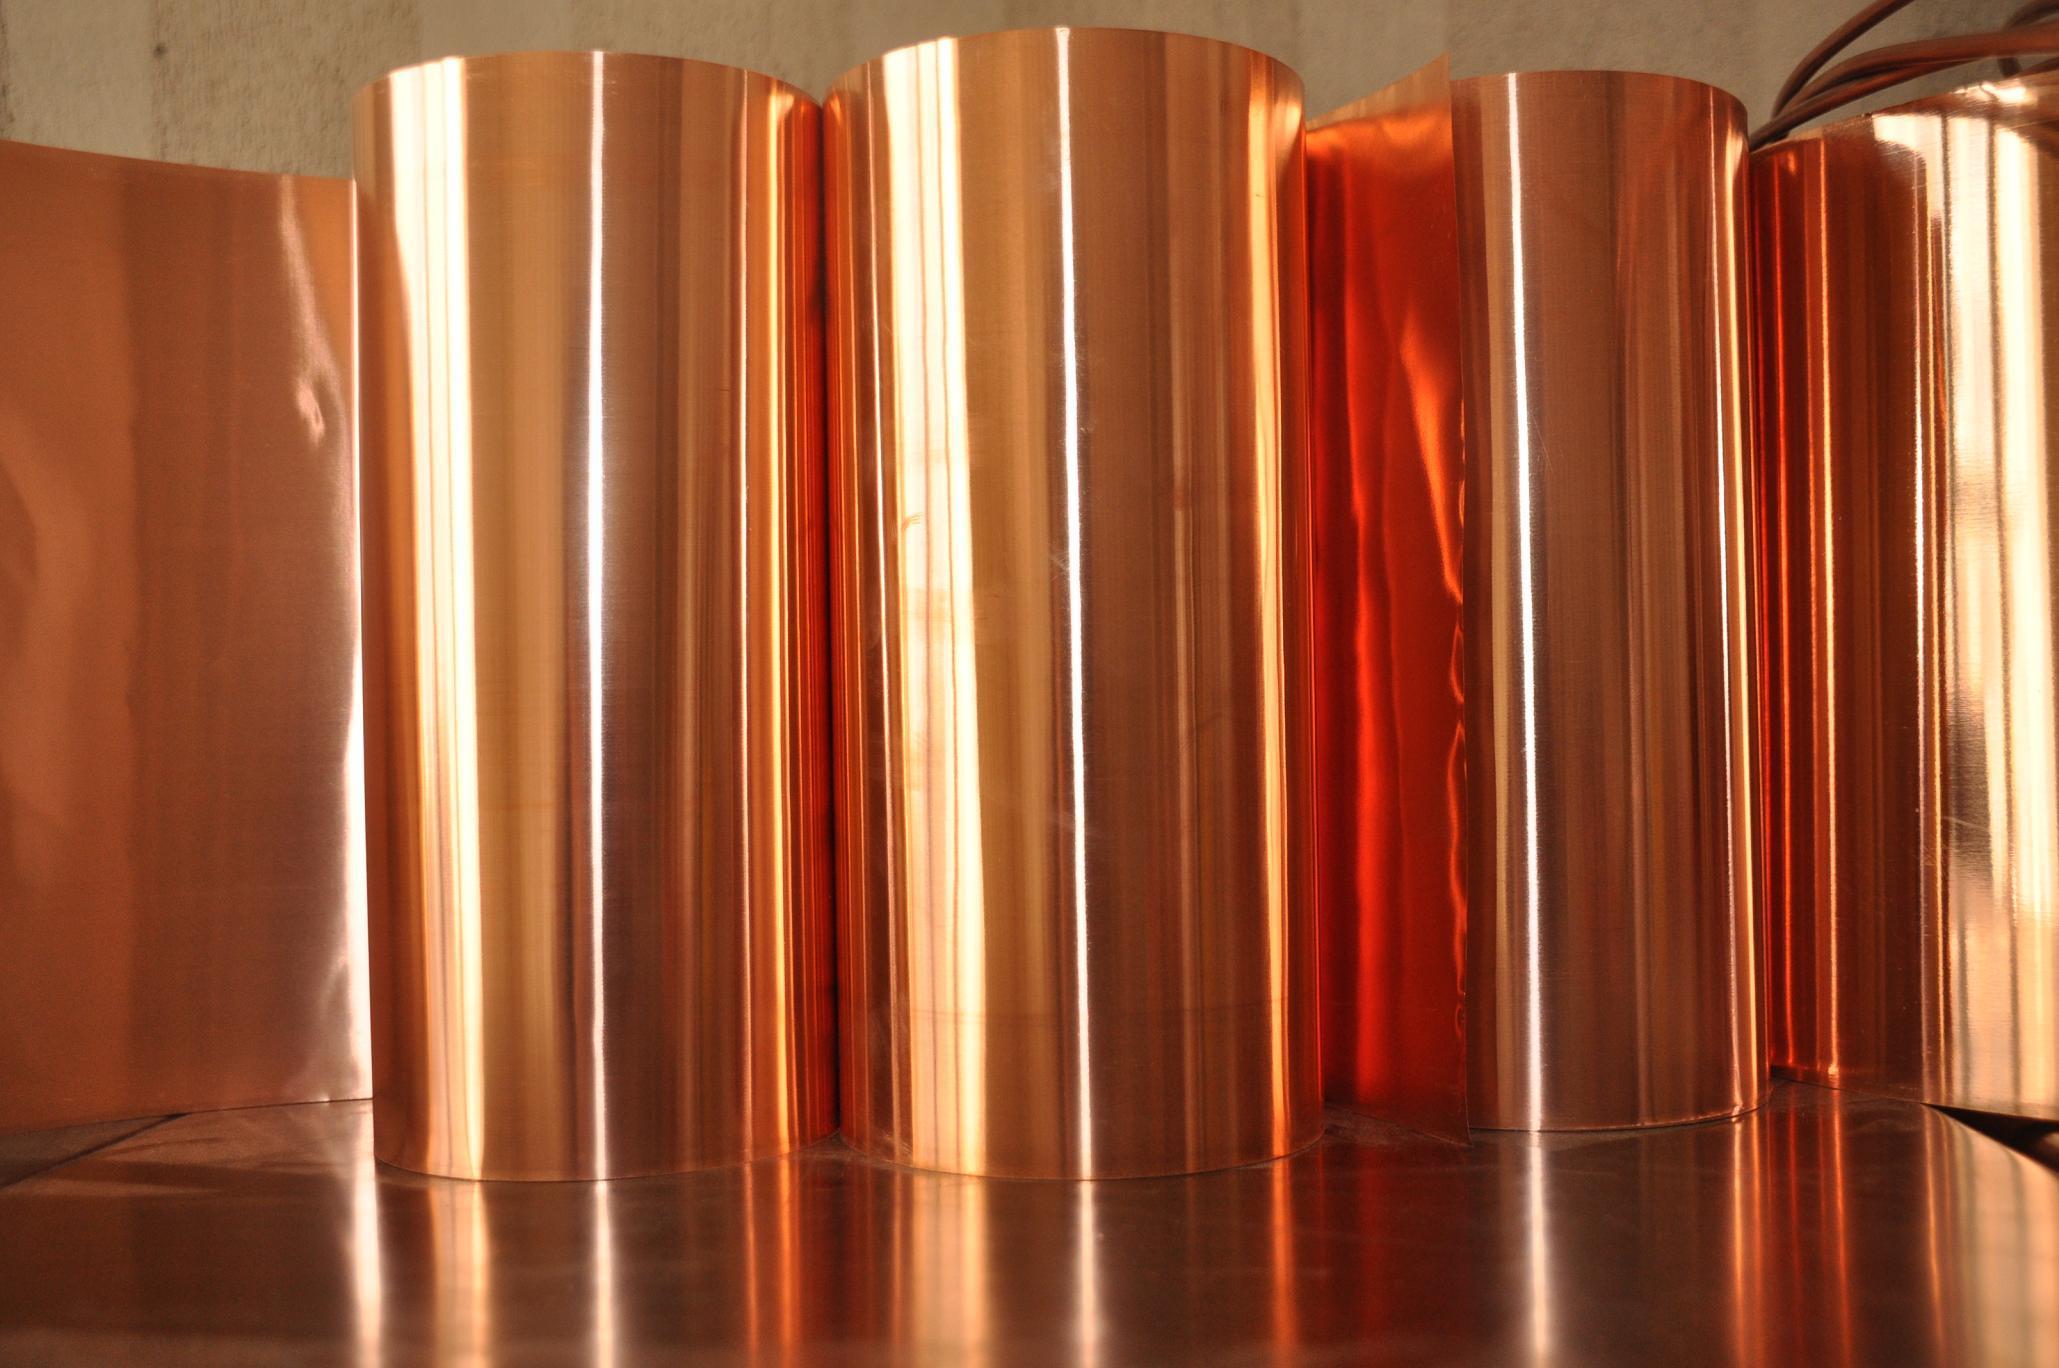 国内铜箔企业2017年-2018年新增产能统计与预测